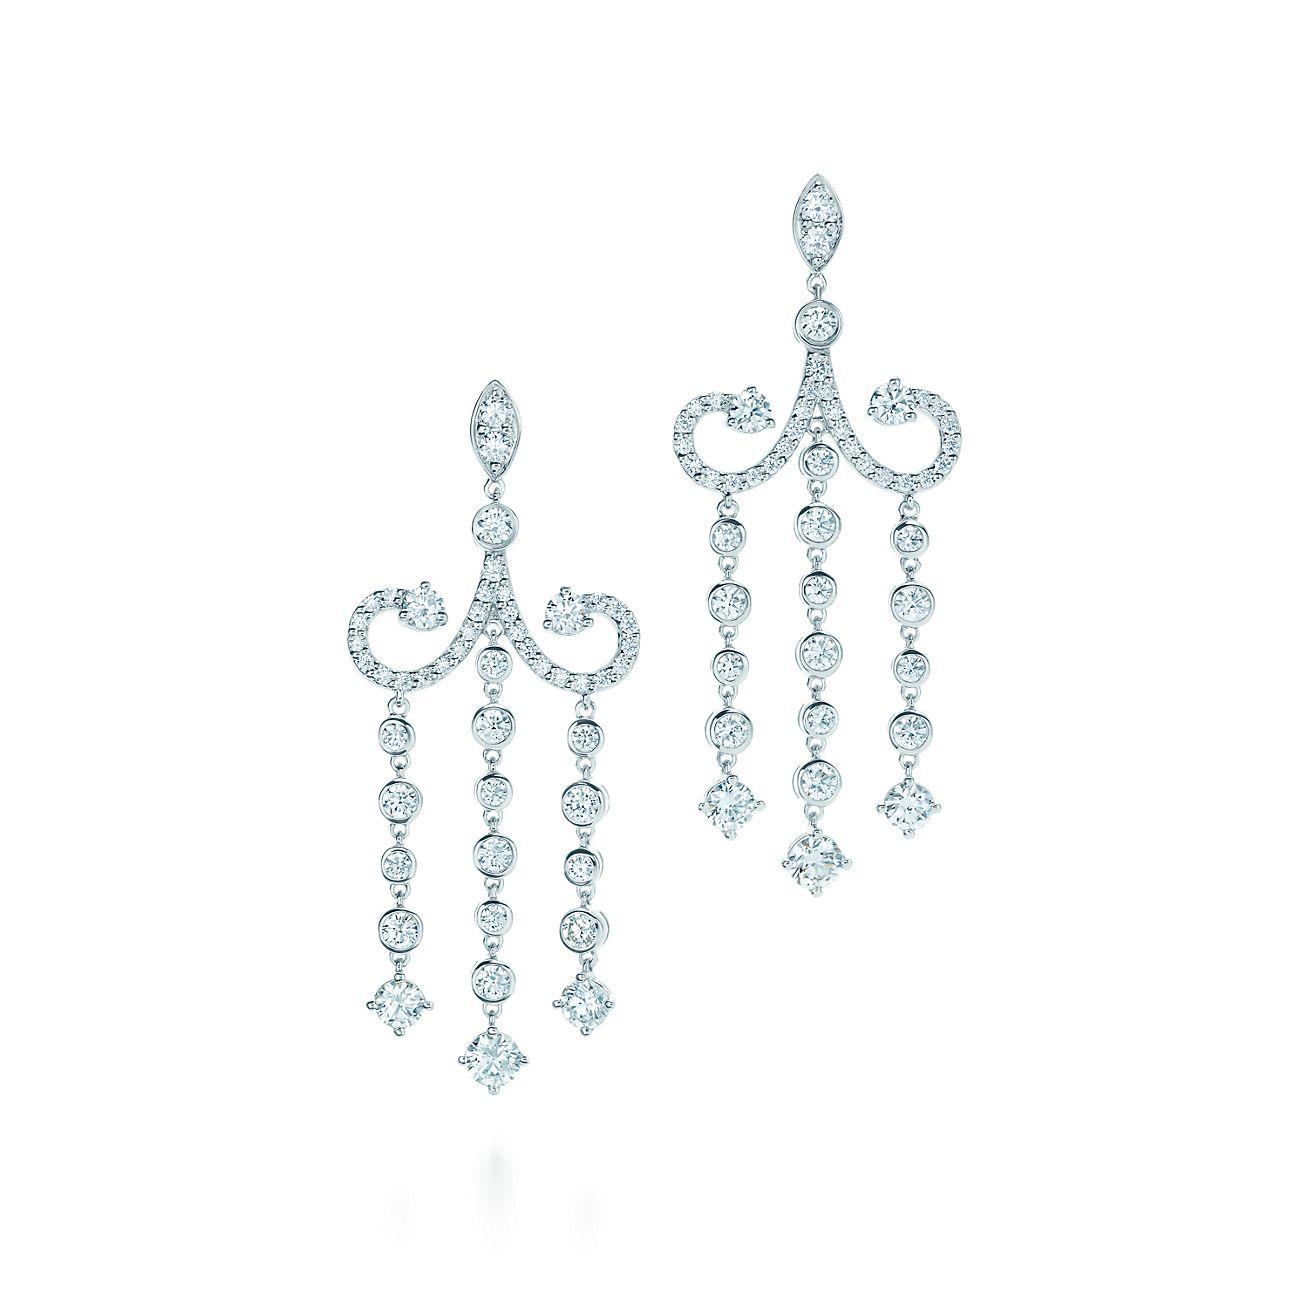 Tiffany Enchant chandelier earrings in platinum with diamonds – Tiffany Chandelier Earrings